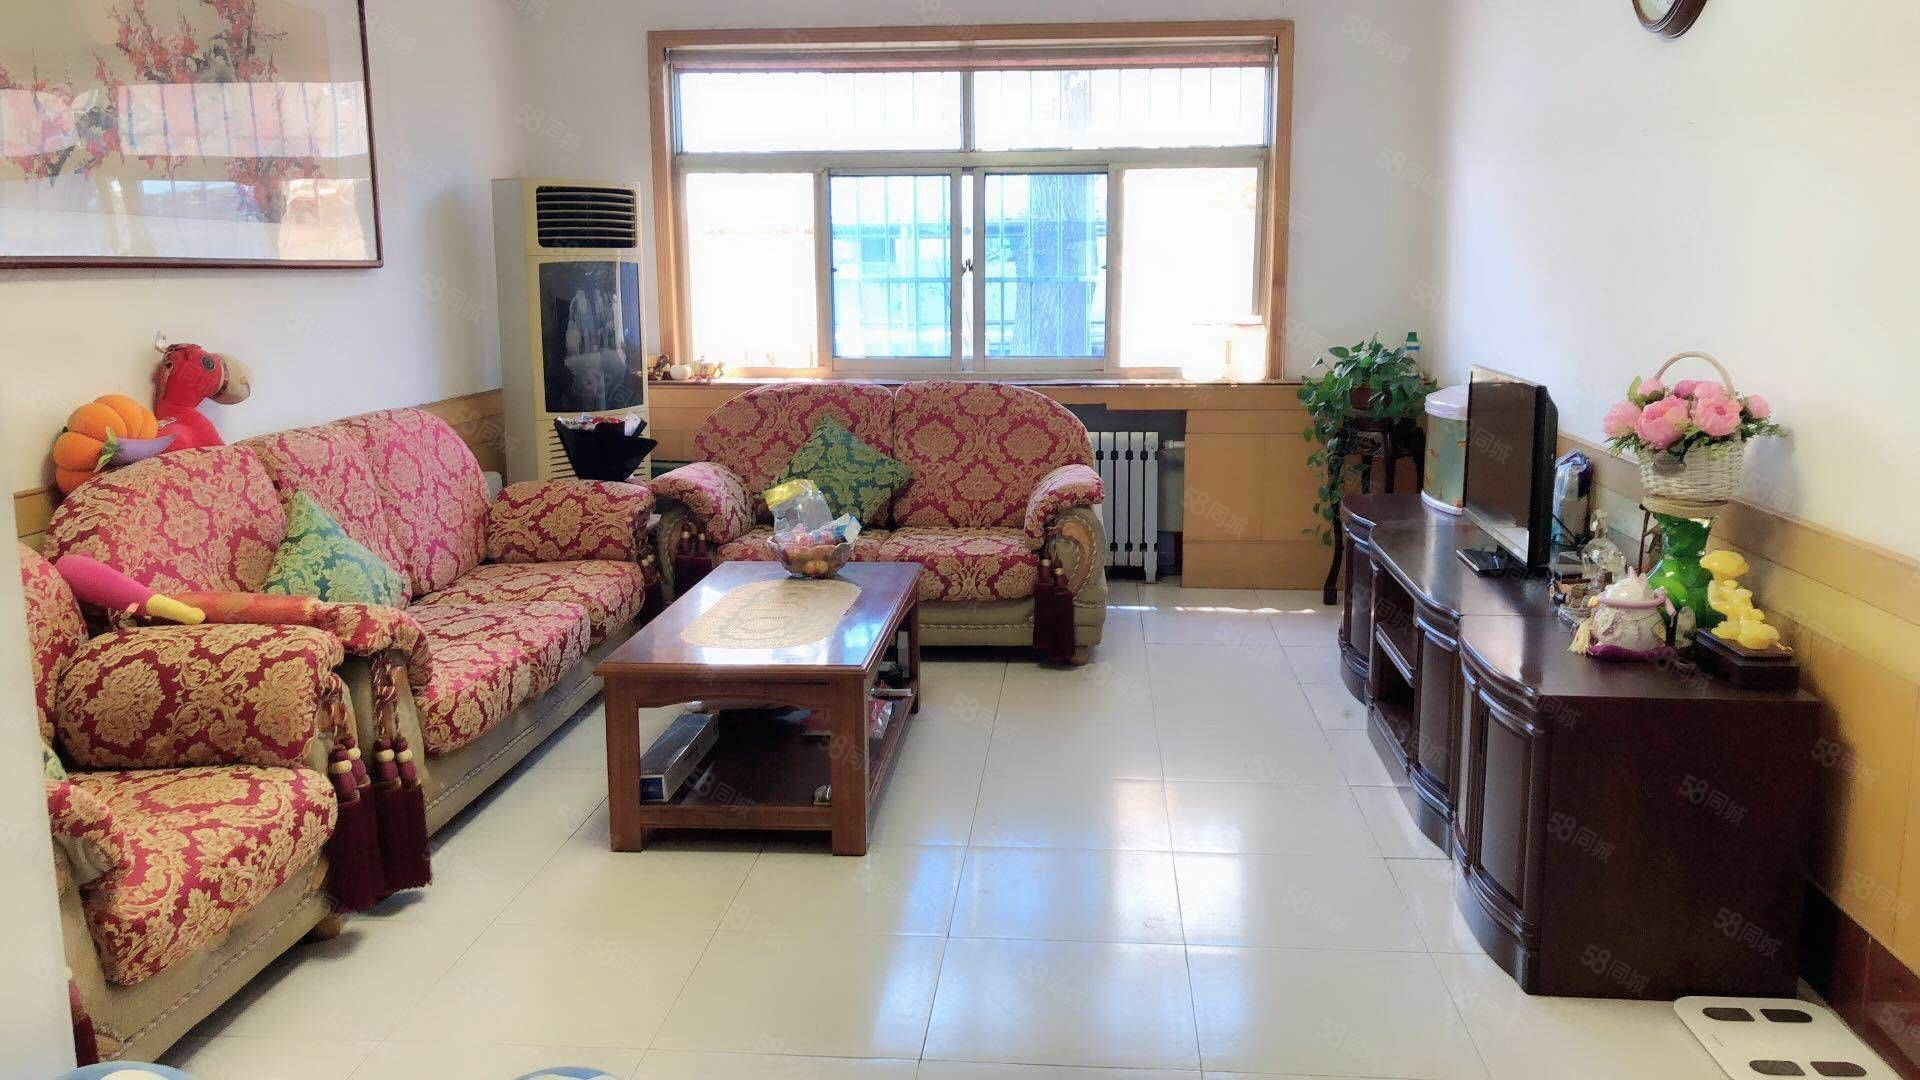 利津联通公司家属楼一楼三室两厅精装修带地下室部分家具家电